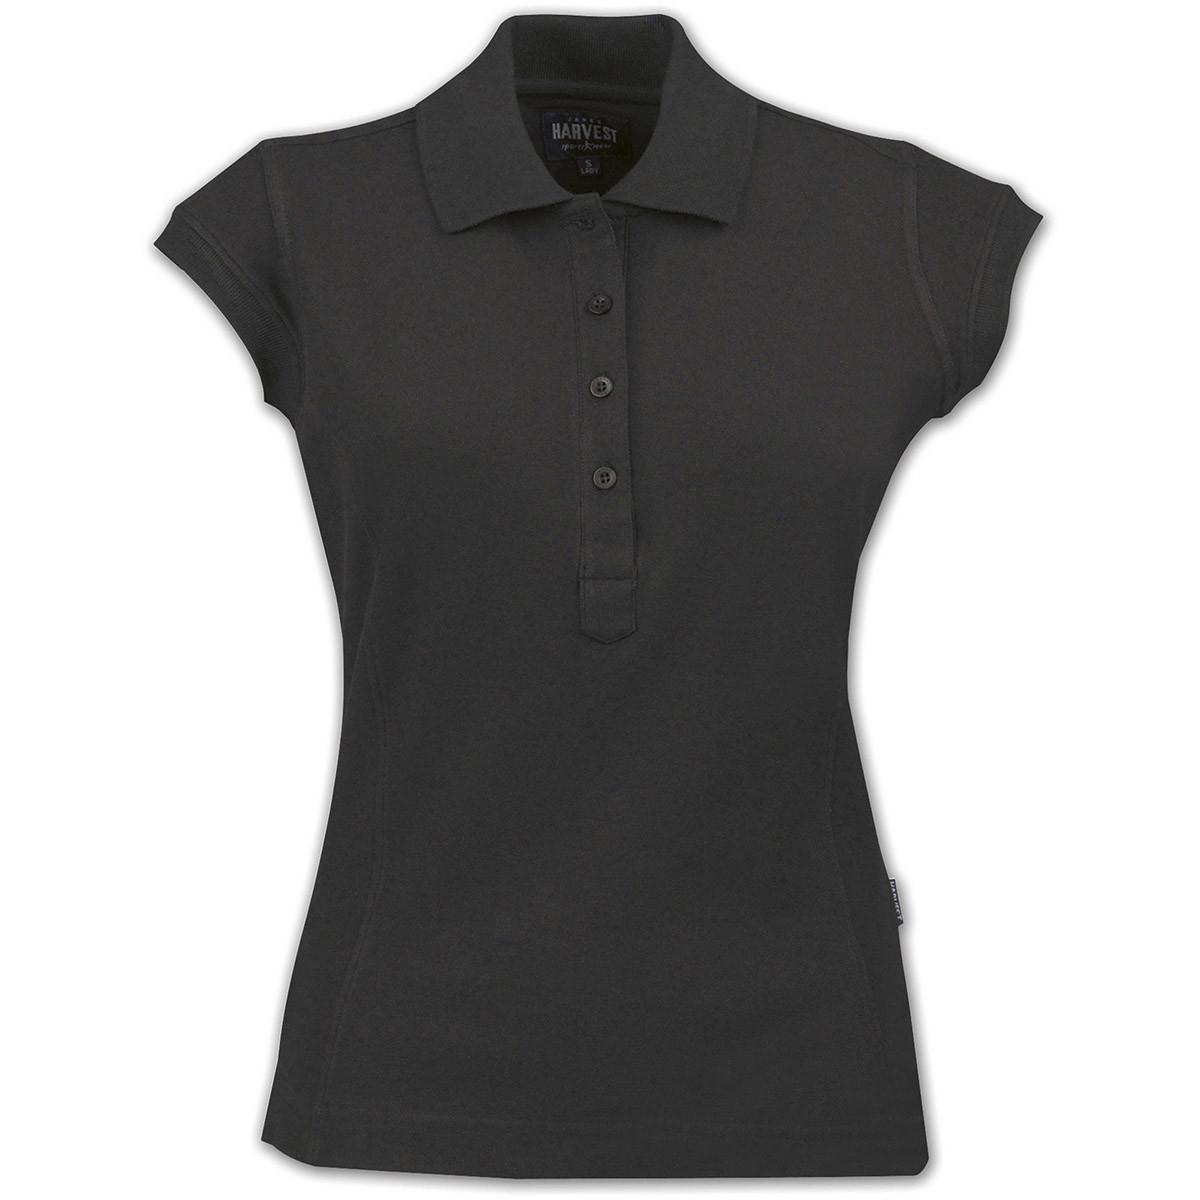 Жіноче поло Tiffin від ТМ James Harvest (чорний, XL)